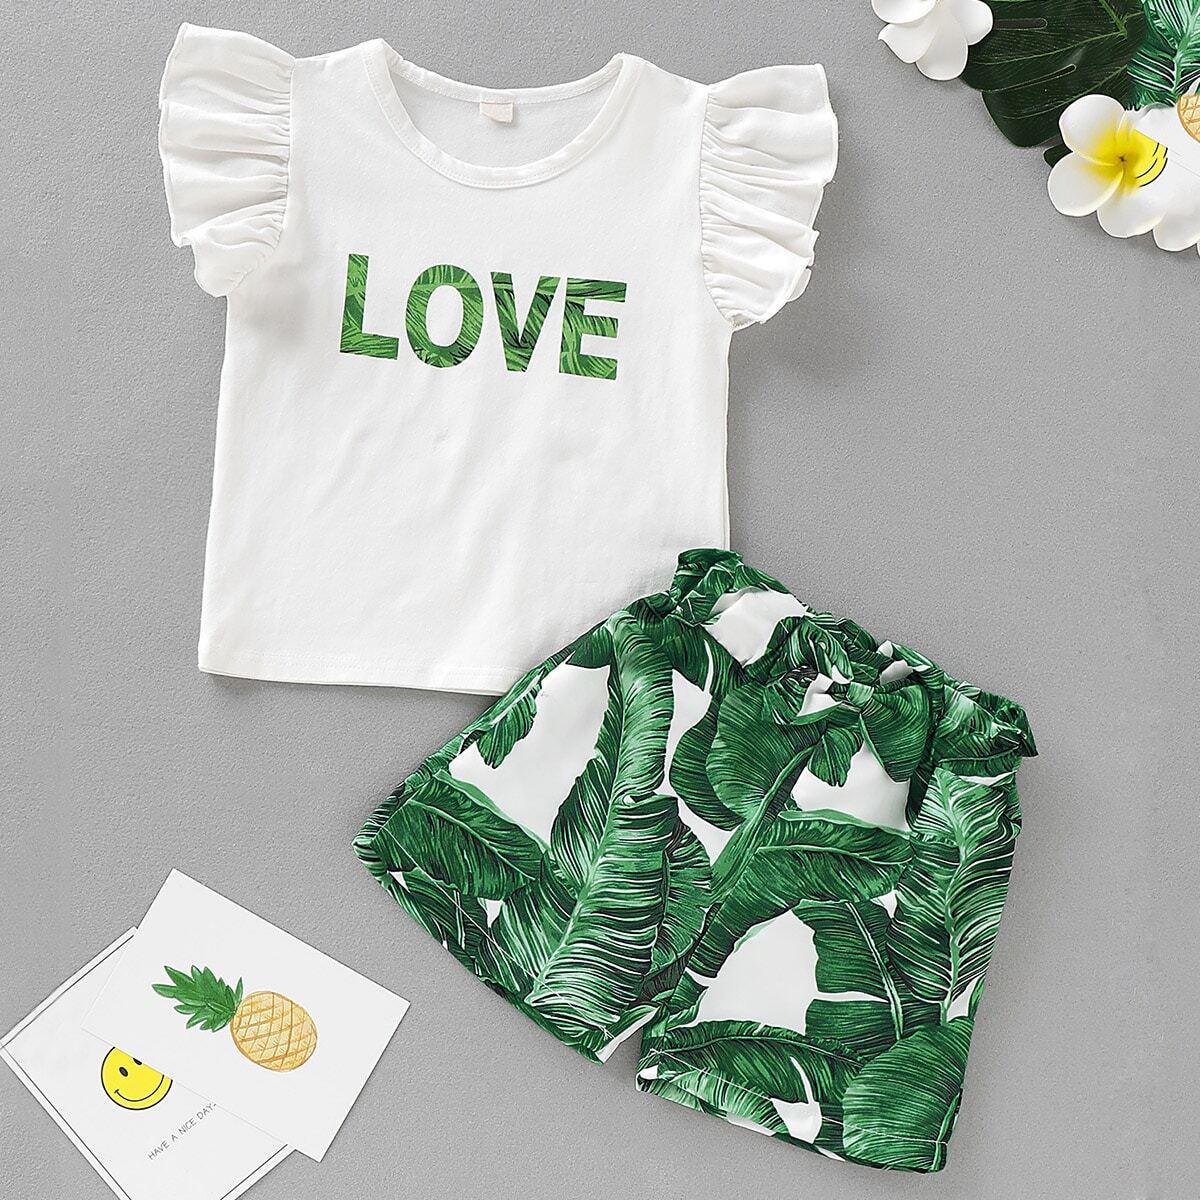 SHEIN / Kleinkind Mädchen T-Shirt mit Buchstaben Muster, Raffung auf den Ärmeln und Shorts mit Pflanzen Muster